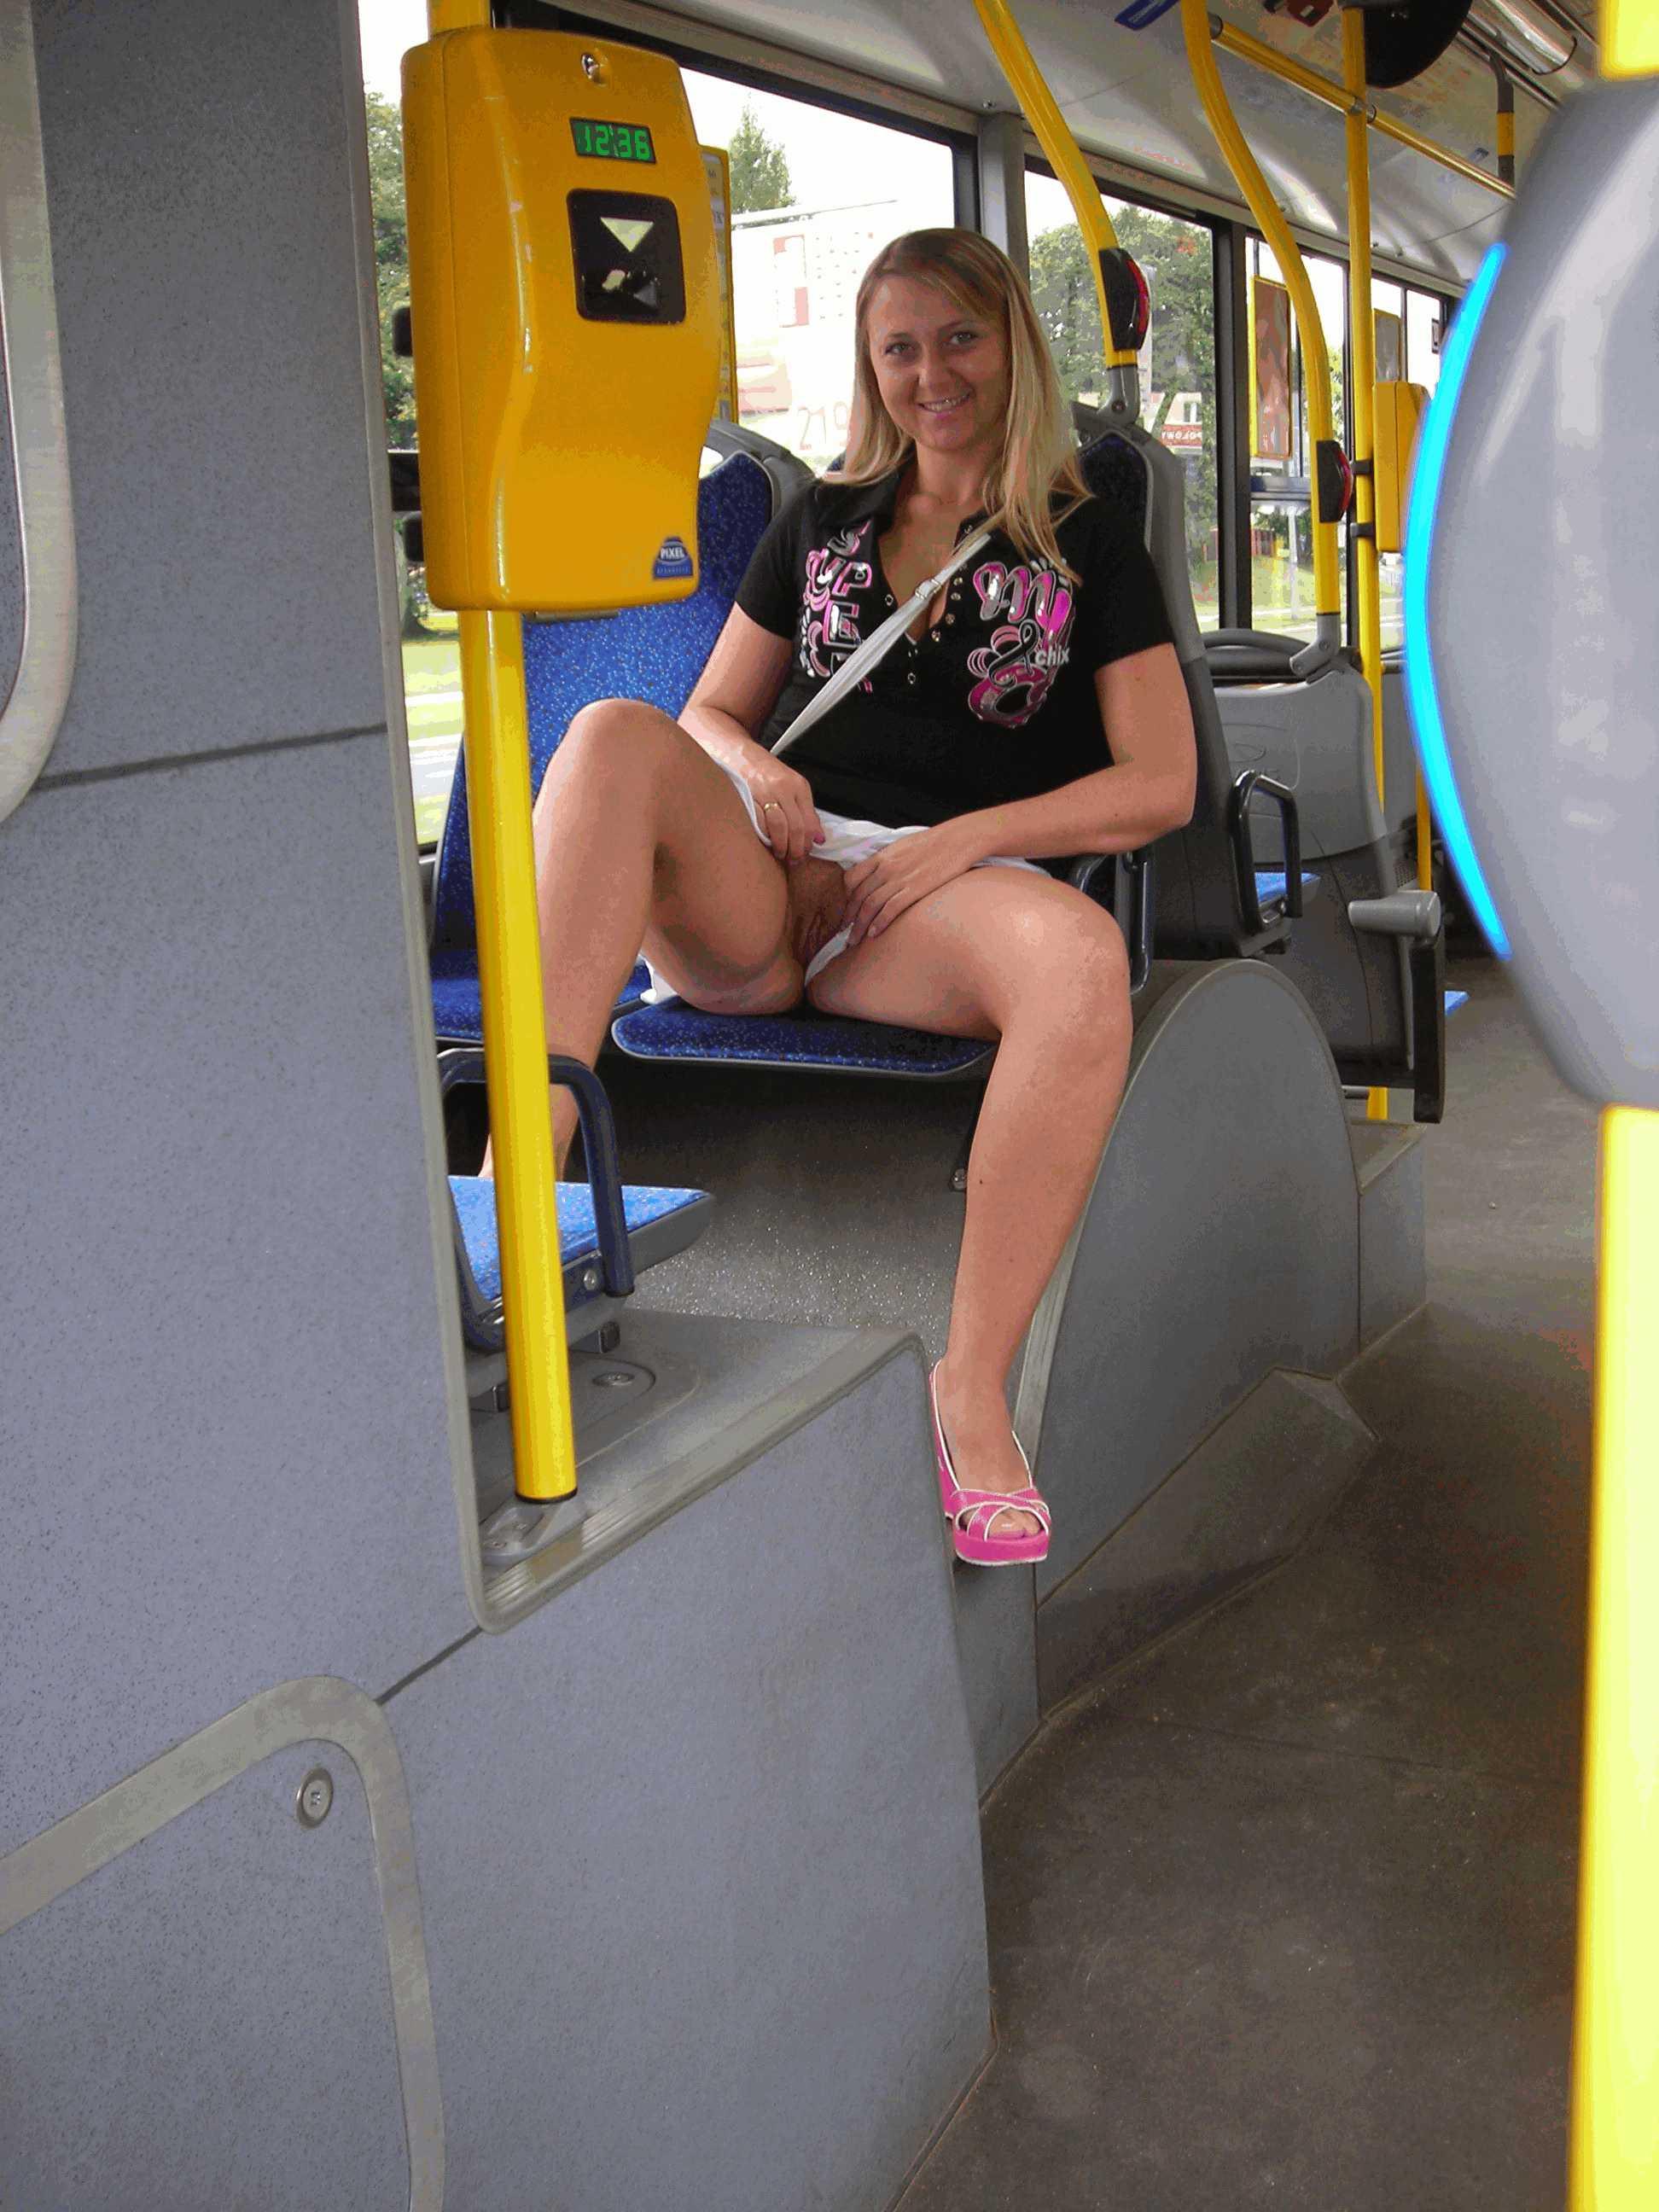 Эротические истории общественном транспорте 13 фотография